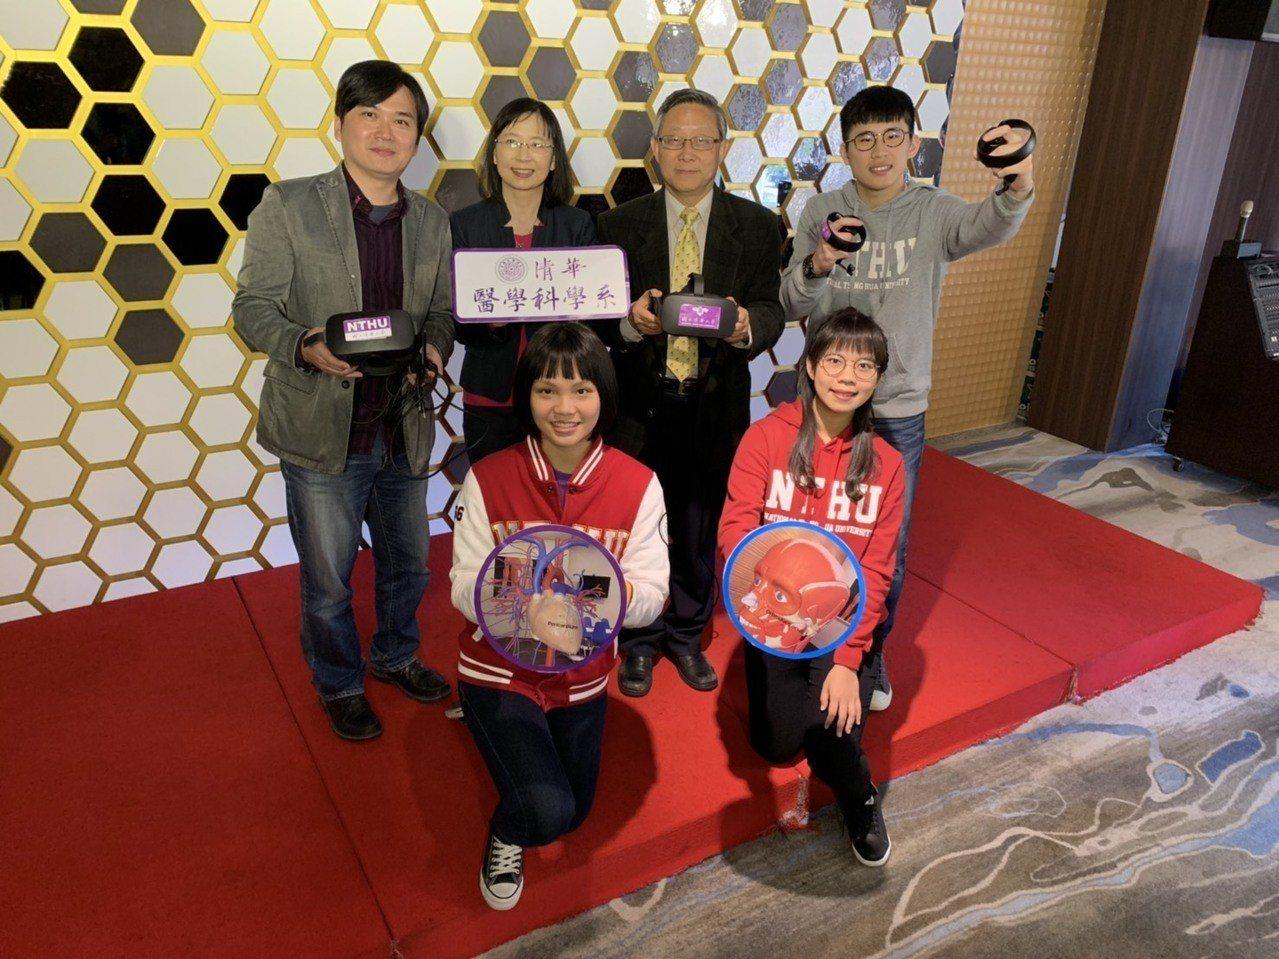 清華大學醫學科學系引入10套VR虛擬實境人體解剖系統,本學期將首開「人體解剖虛擬...